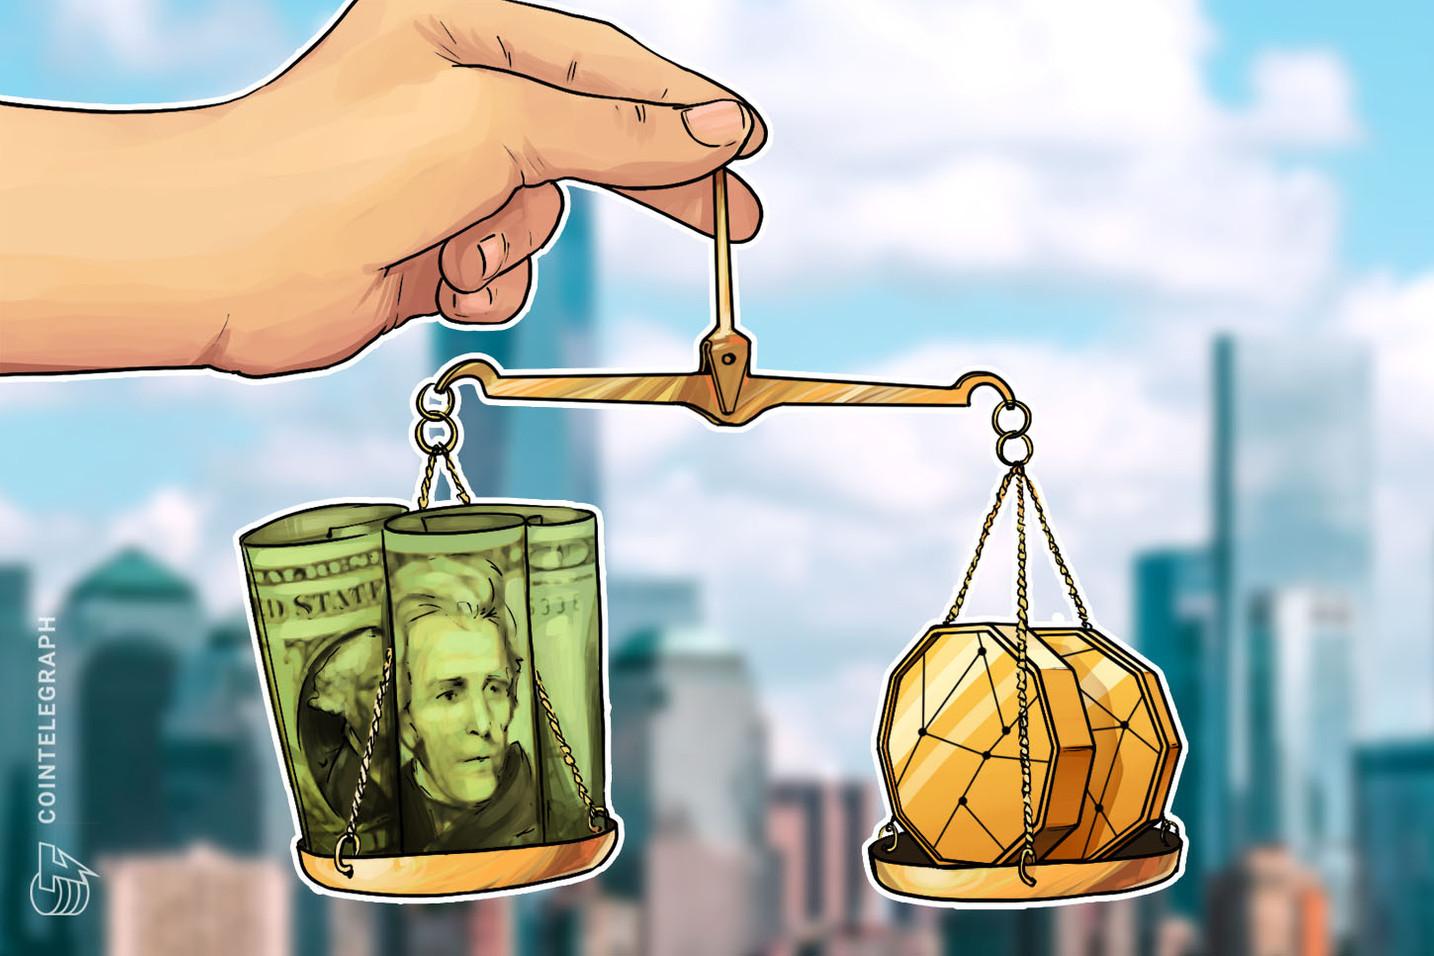 غير 'قابلة للتطبيق'؟ بروفيسور بجامعة بيركلي يُدلي بنظرة قاتمة على العملات المستقرة في نقدٍ جديد